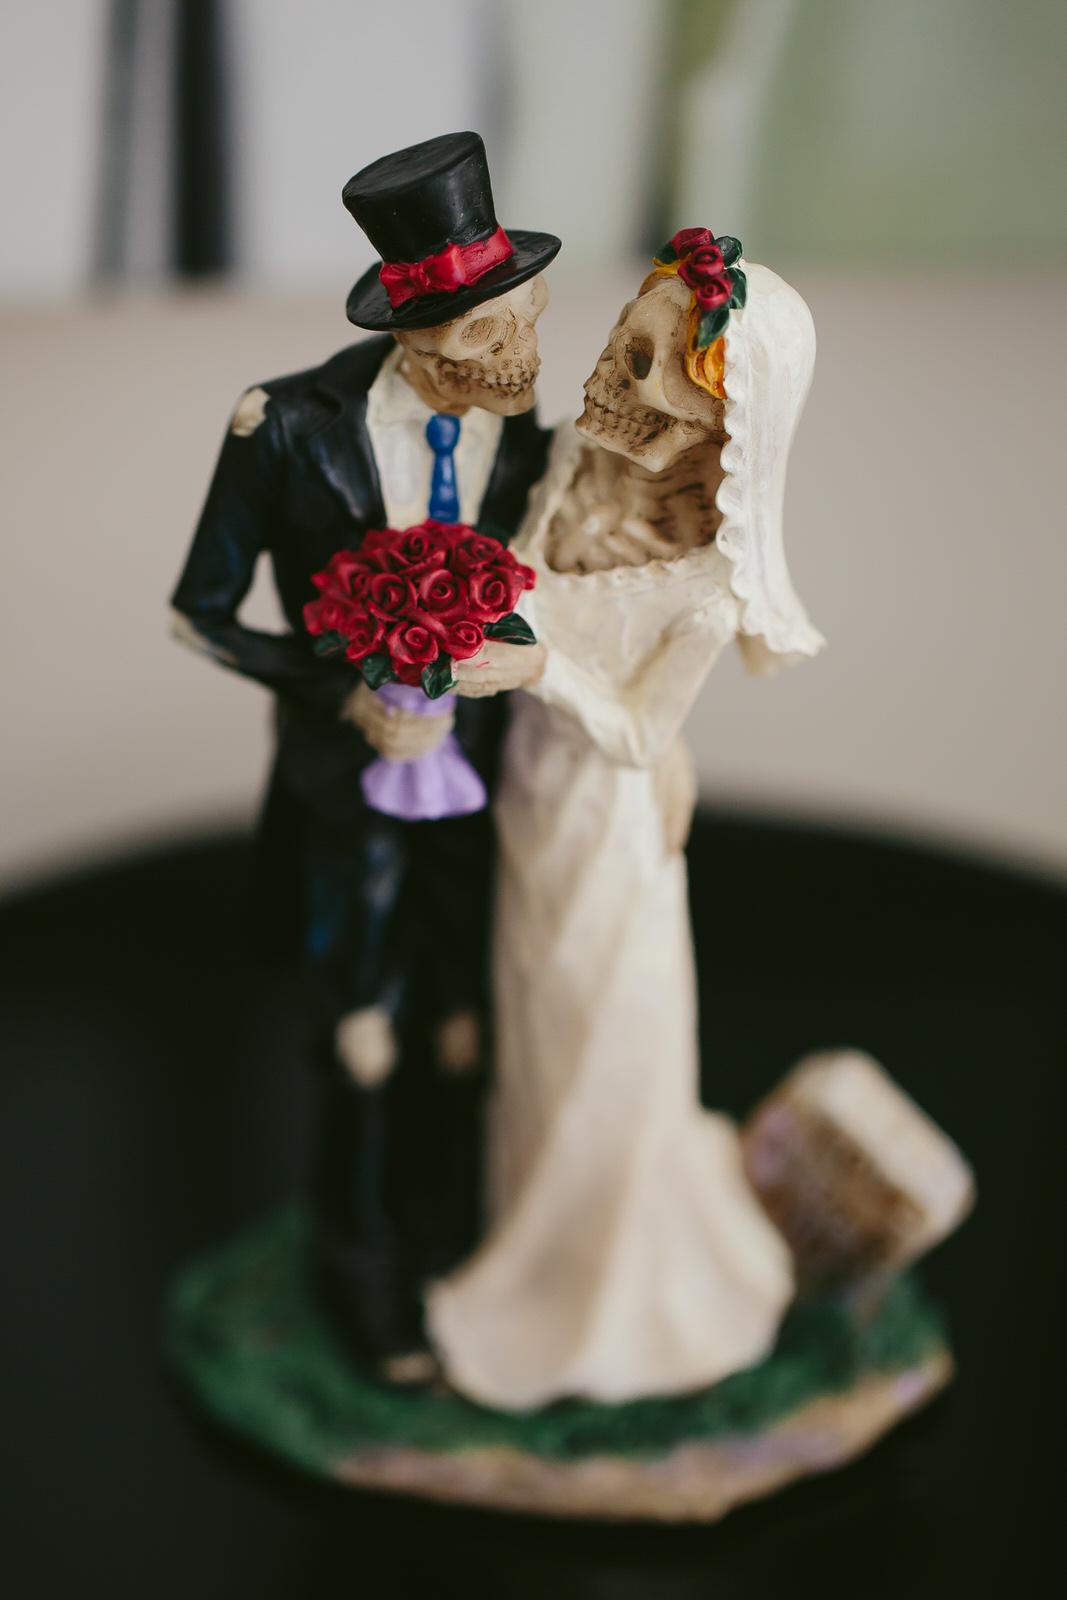 hollywood_estate_wedding_dios-de-las-muertos-cake-topper.jpg